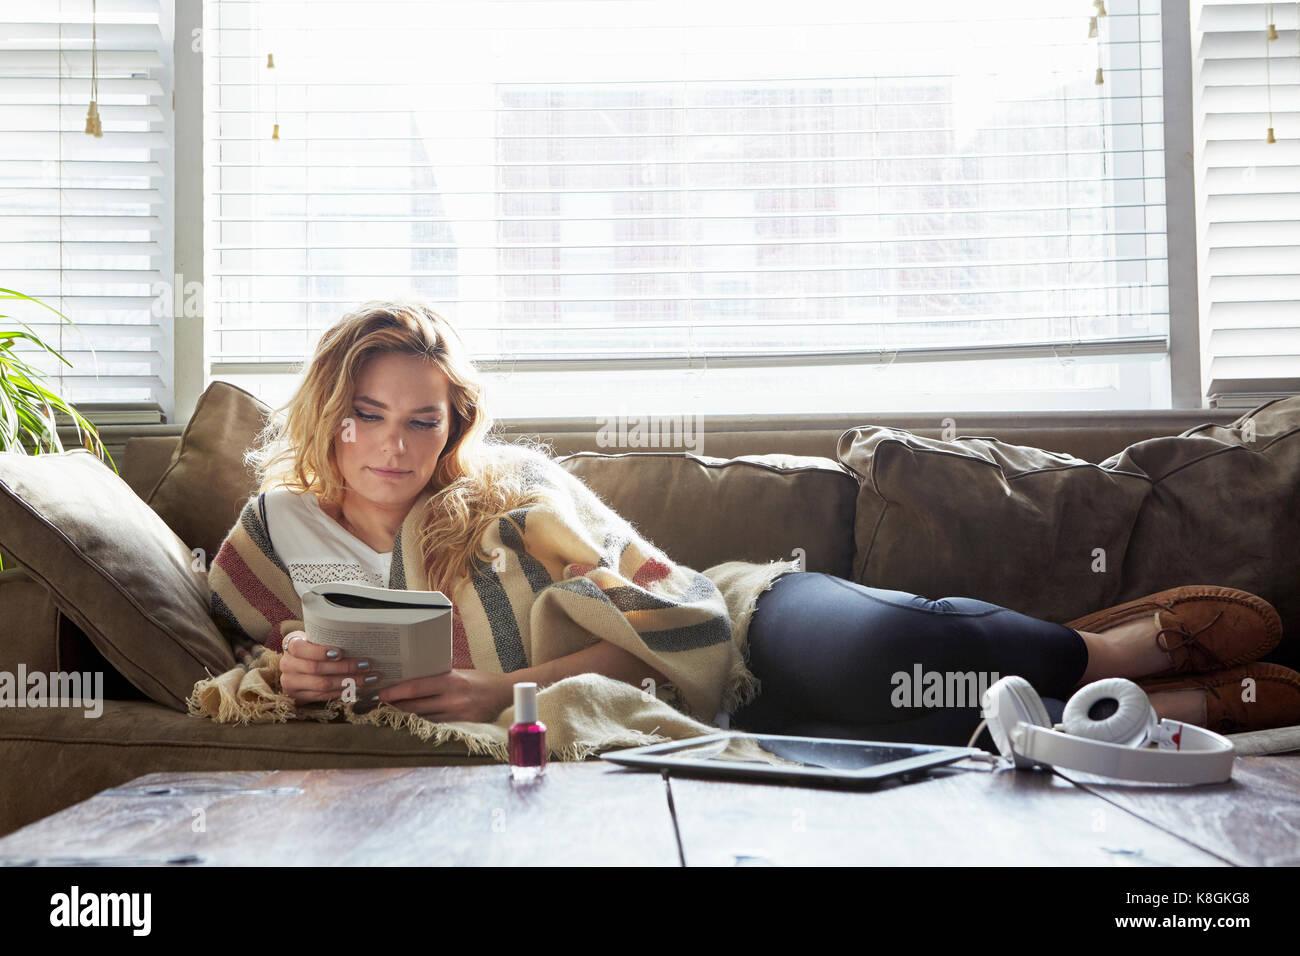 Mujer leyendo el libro sobre el sofá Foto de stock